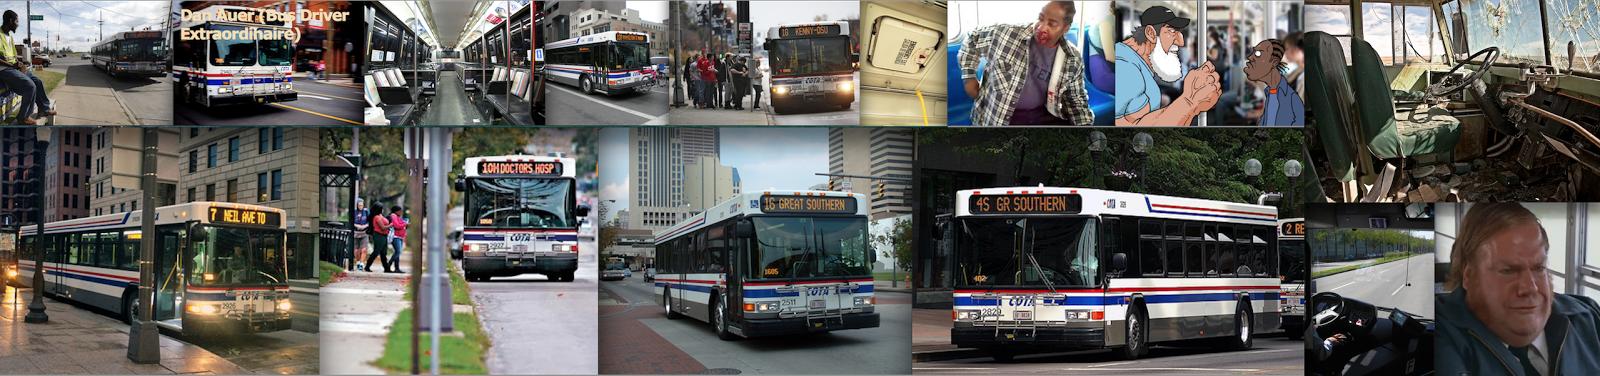 Dan Auer  (Bus Driver Extraordinaire)